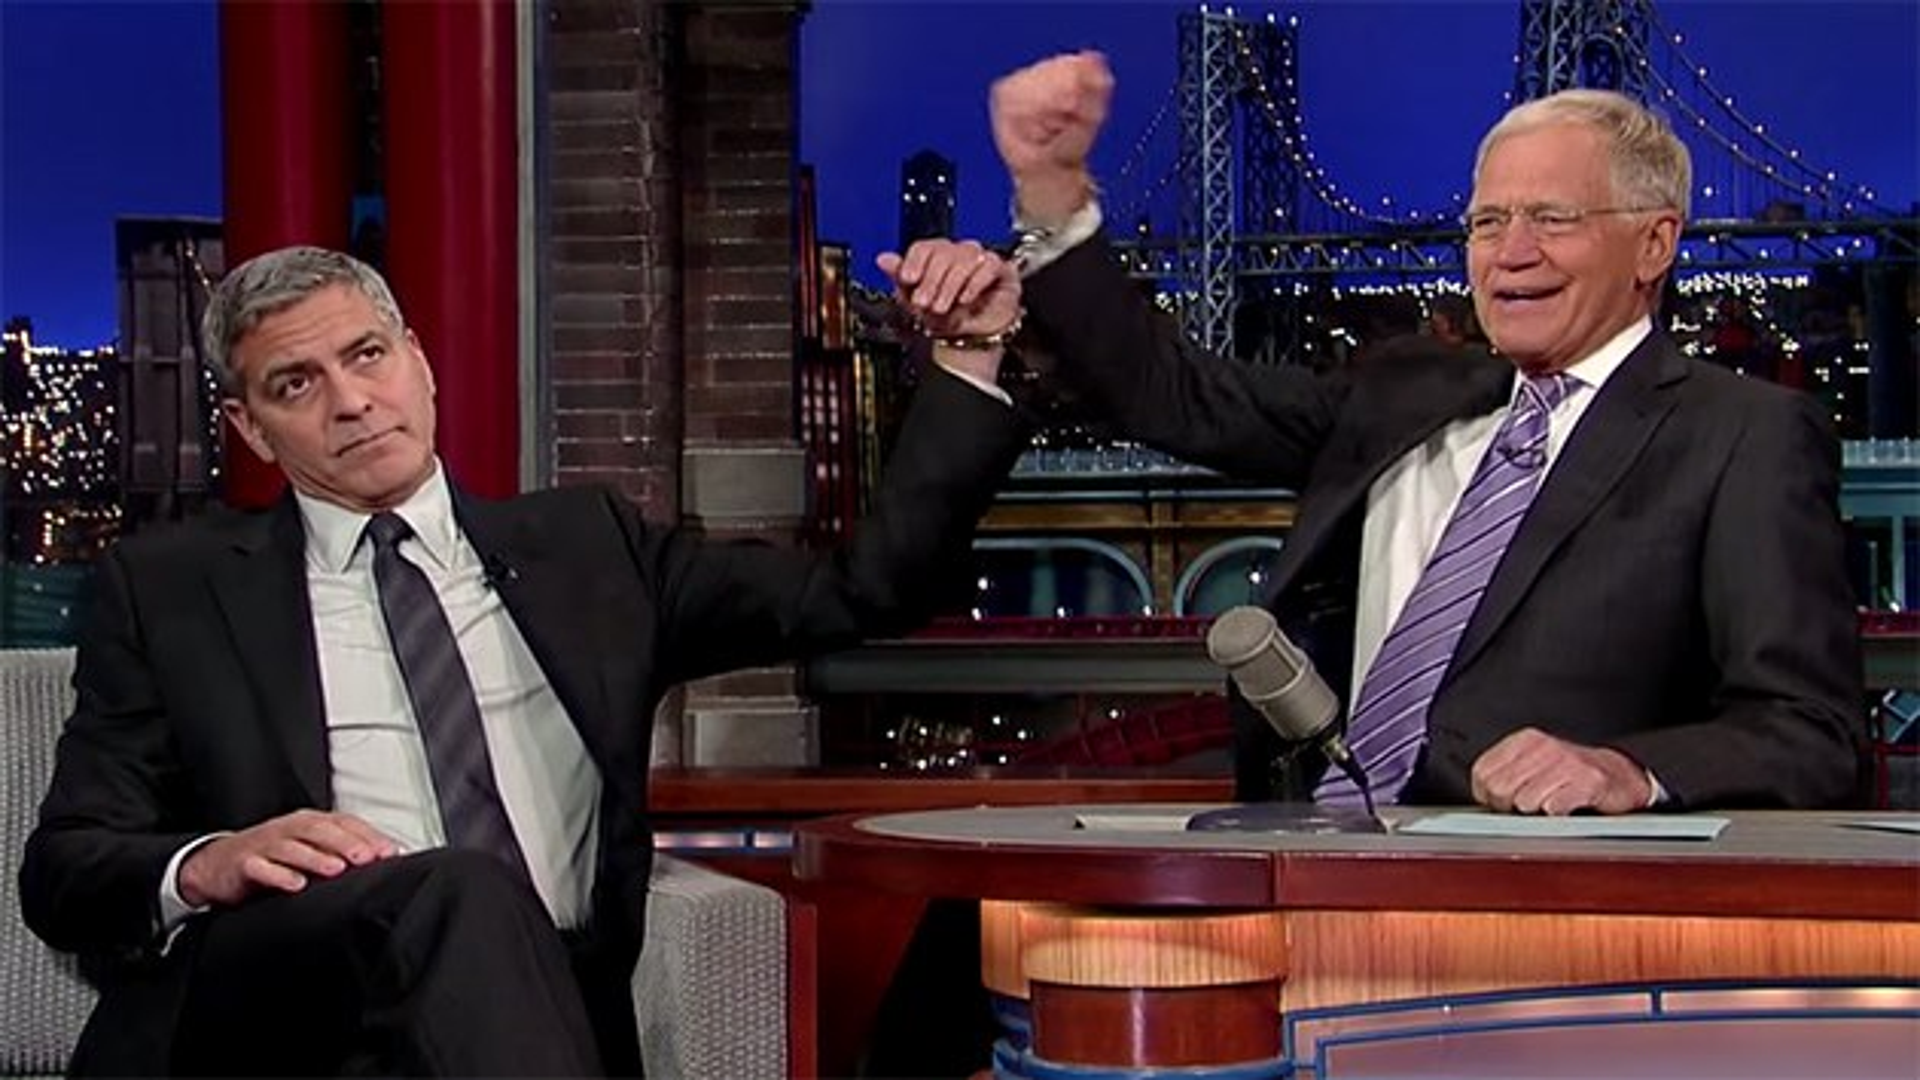 George-Clooney-David-Letterman-Handschellen